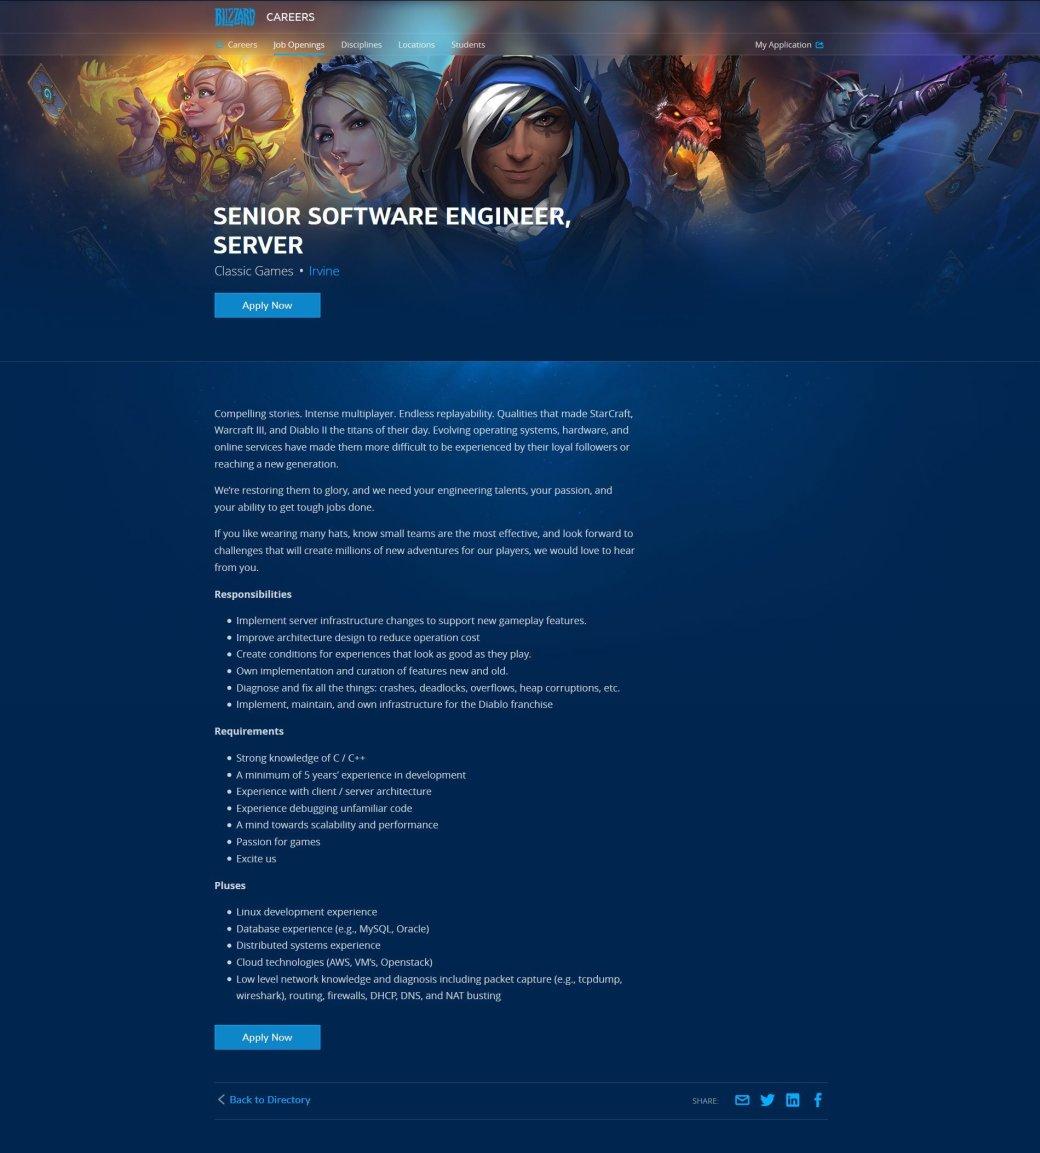 Слух: Blizzardделает ремастеры Warcraft III иDiablo II